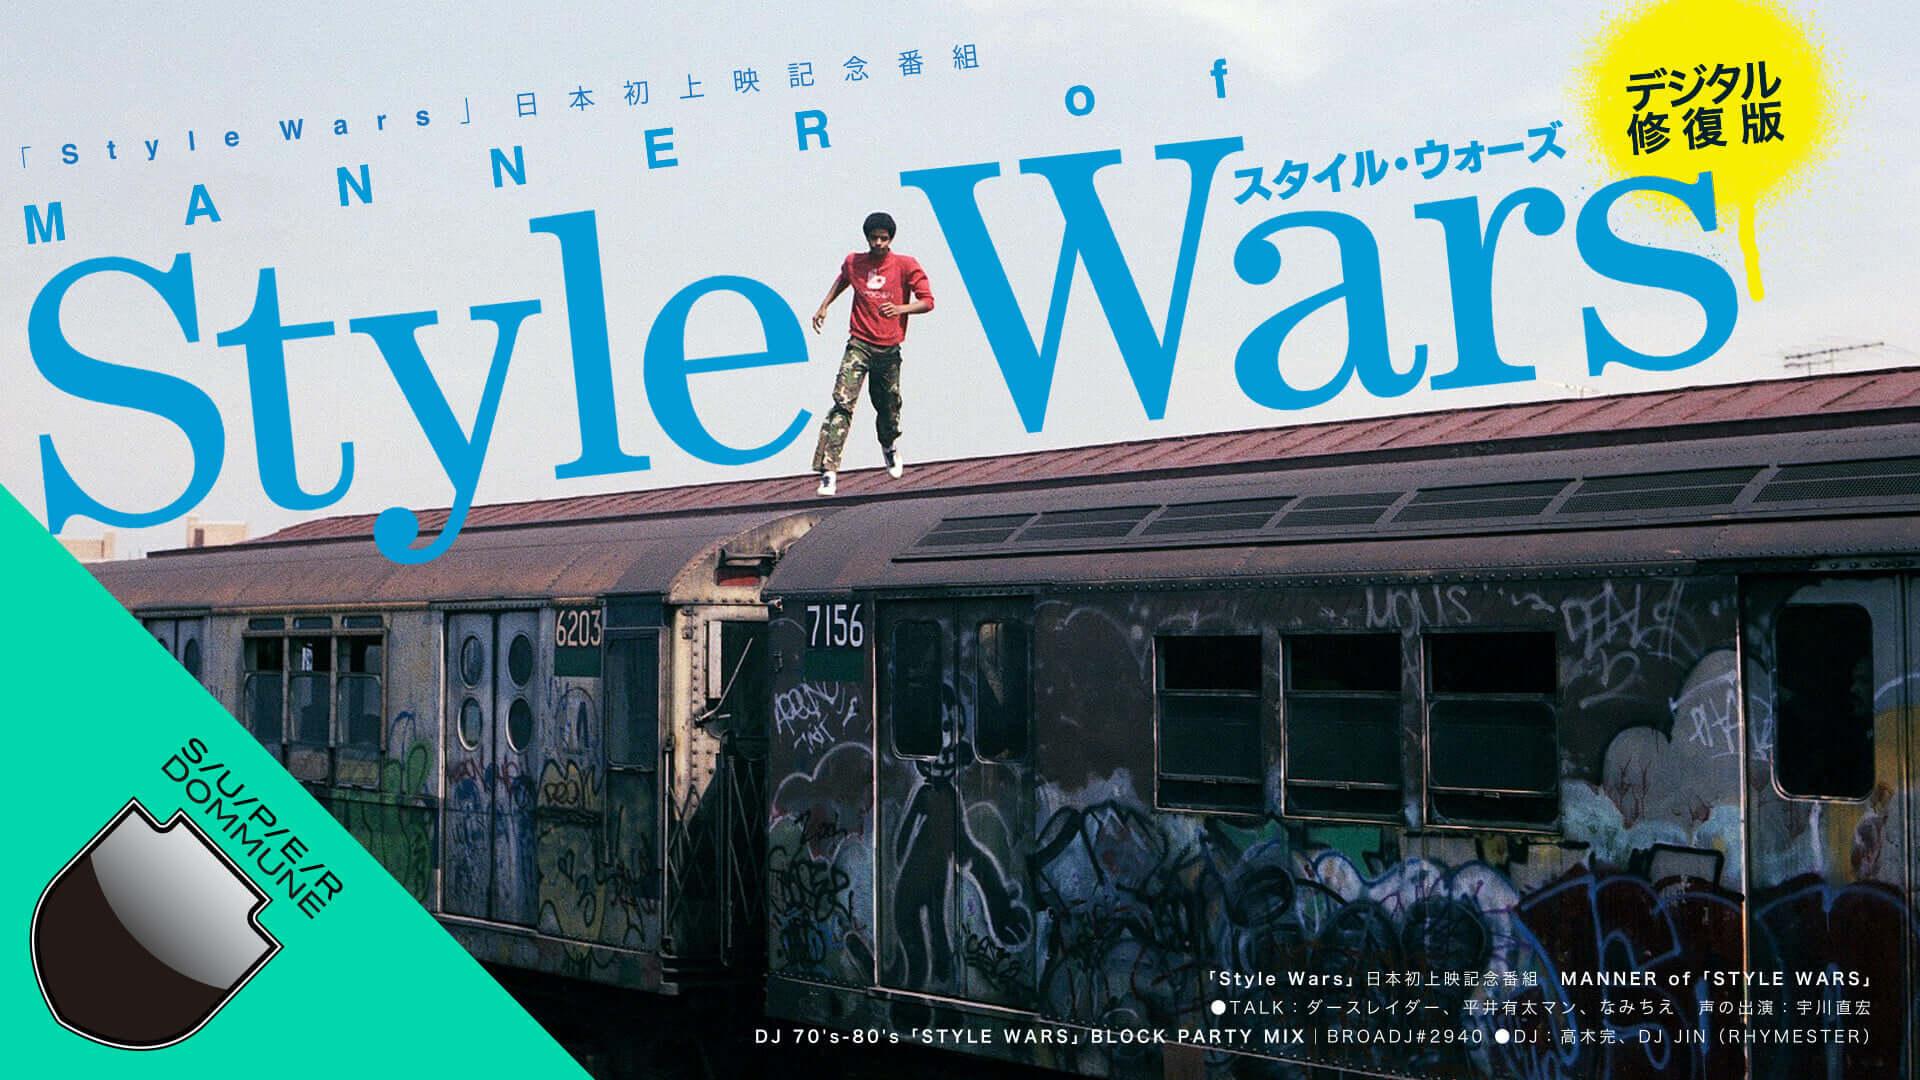 映画『Style Wars』公開記念番組がSUPER DOMMUNEにて配信決定!高木完、ダースレイダー 、DJ JINらが出演 film210318_stylewars-dommune_5-1920x1080